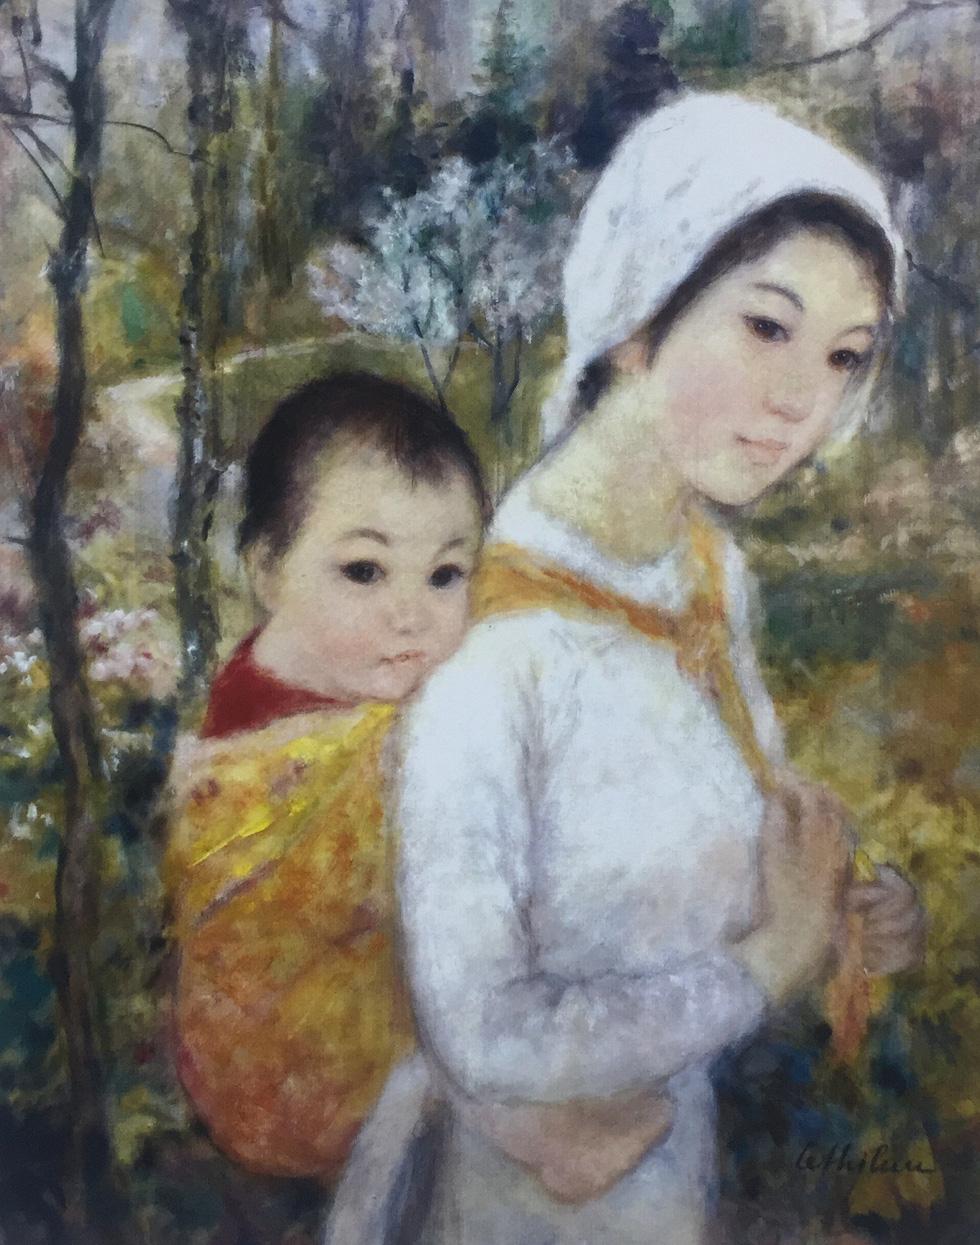 Đón 26 tác phẩm của họa sĩ Lê Thị Lựu tại triển lãm Ấn tượng hoàng hôn - Ảnh 7.